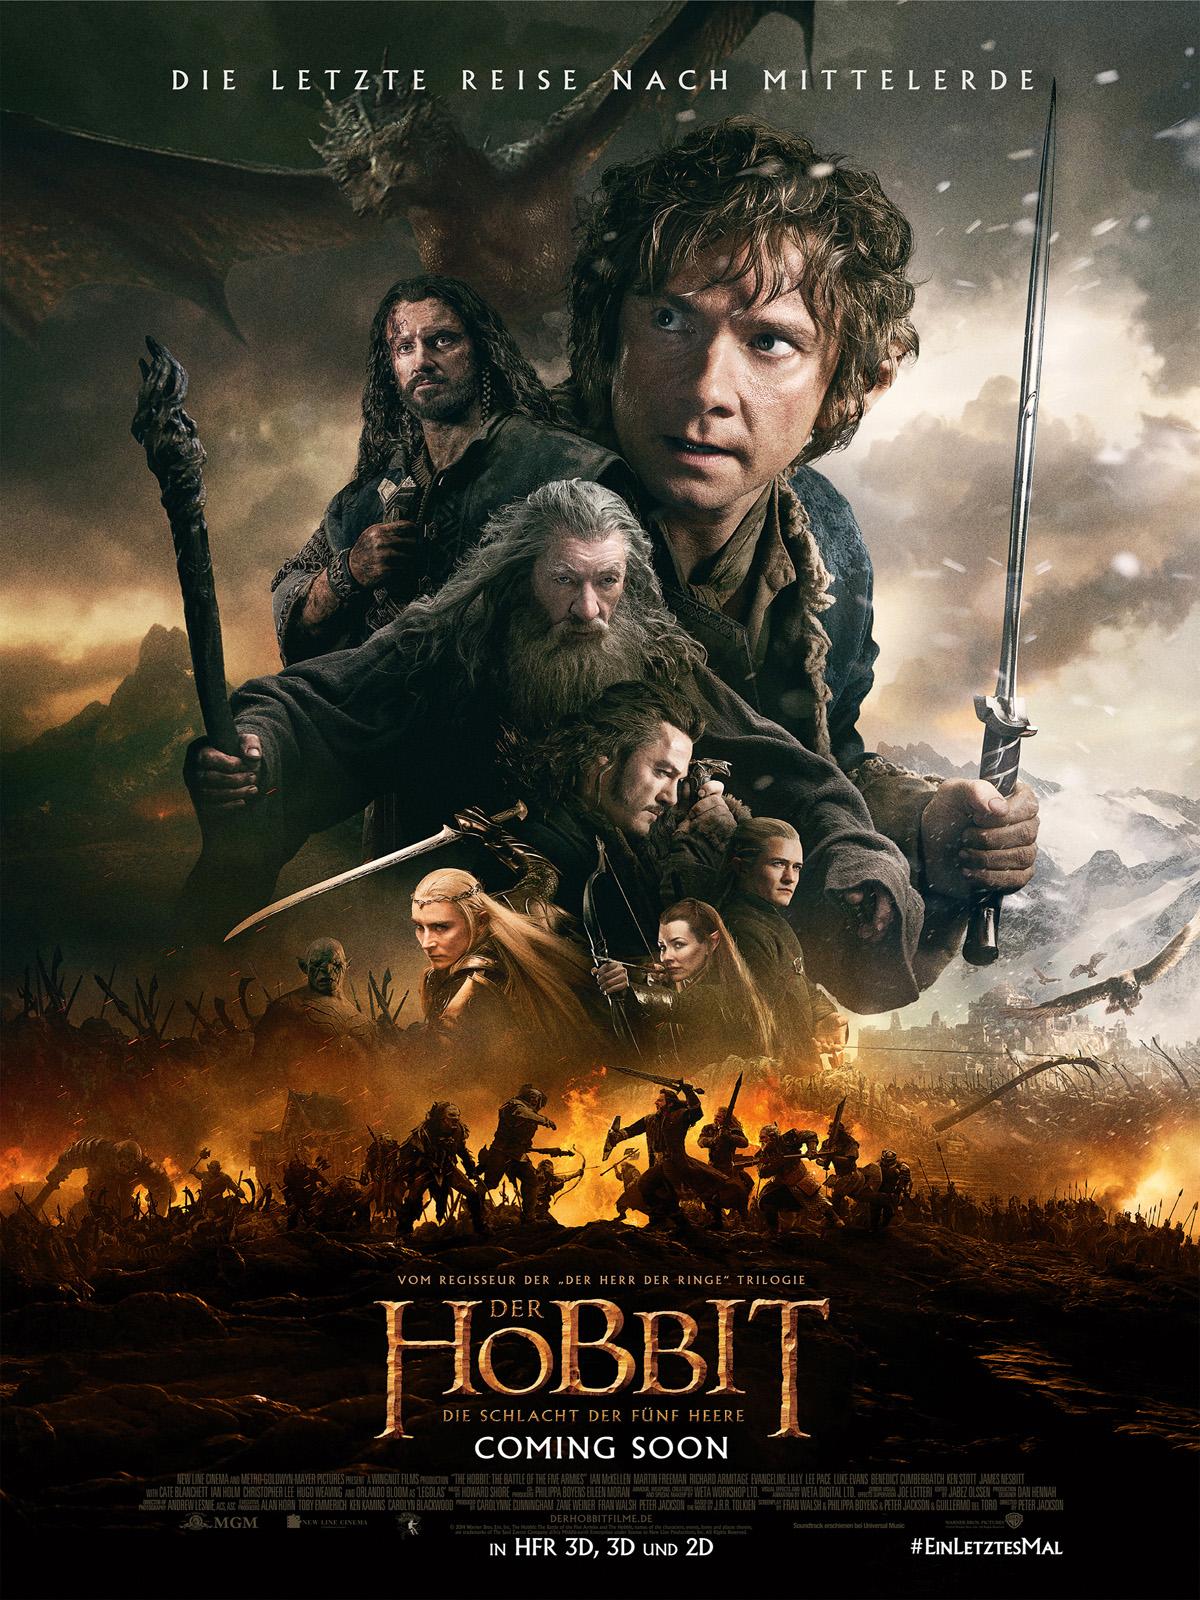 der hobbit: die schlacht der fГјnf heere besetzung